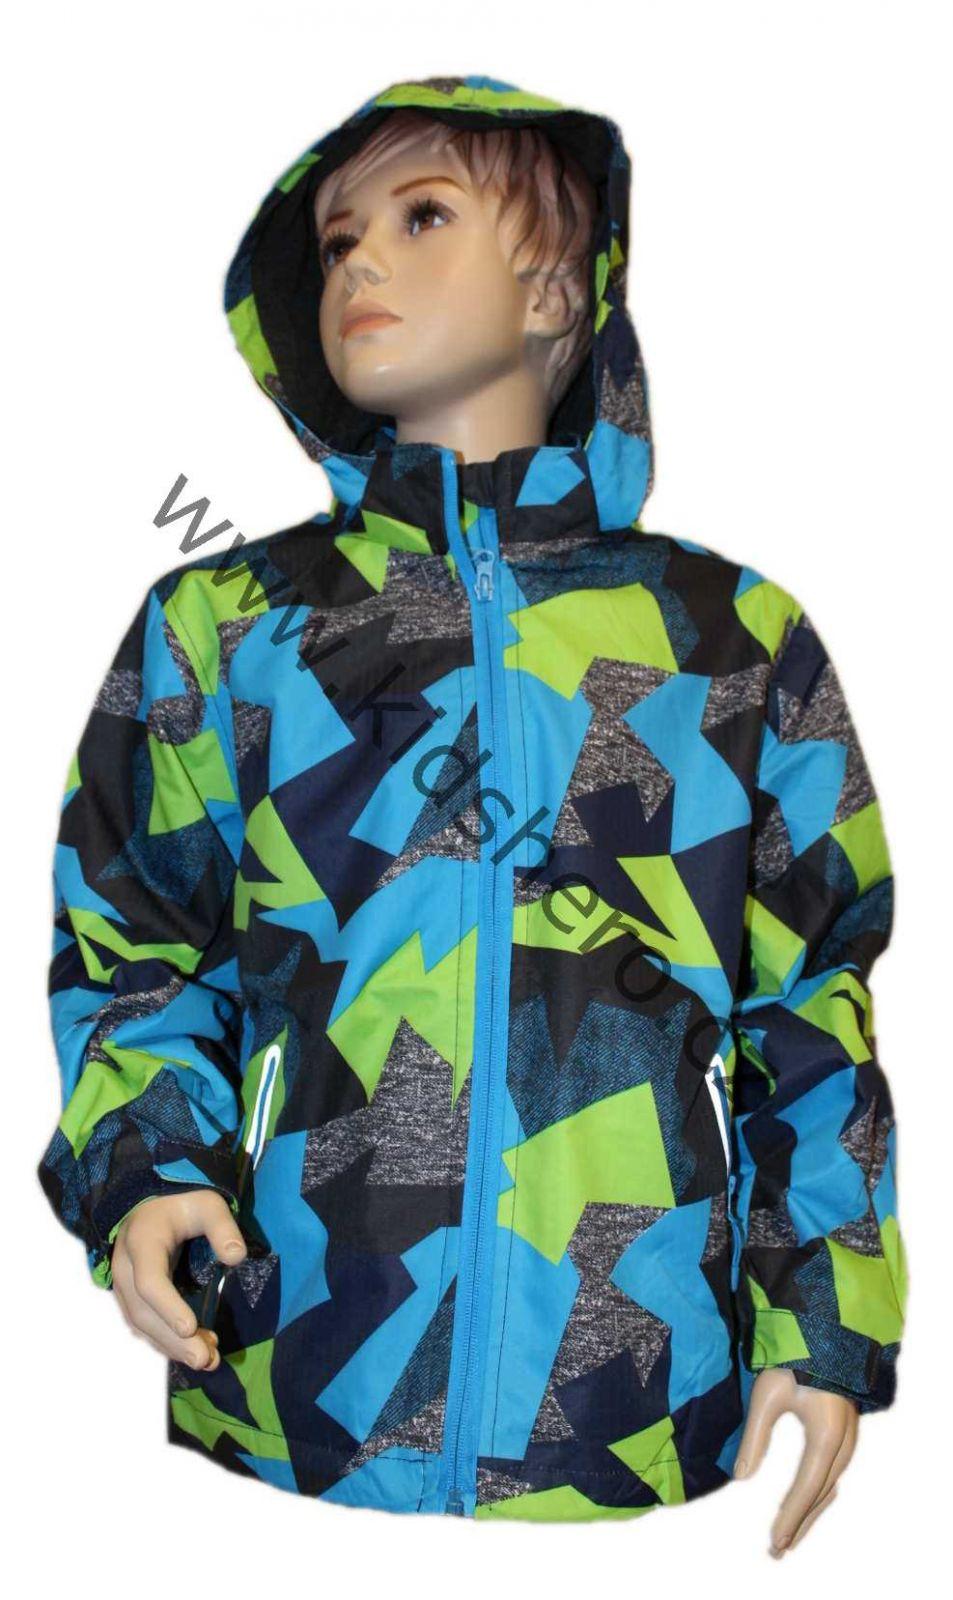 Dětská jarní softshellová bunda KUGO, dívčí softshellová bunda, chlapecká softshellová bunda, jarní bundy, podzimní bunda